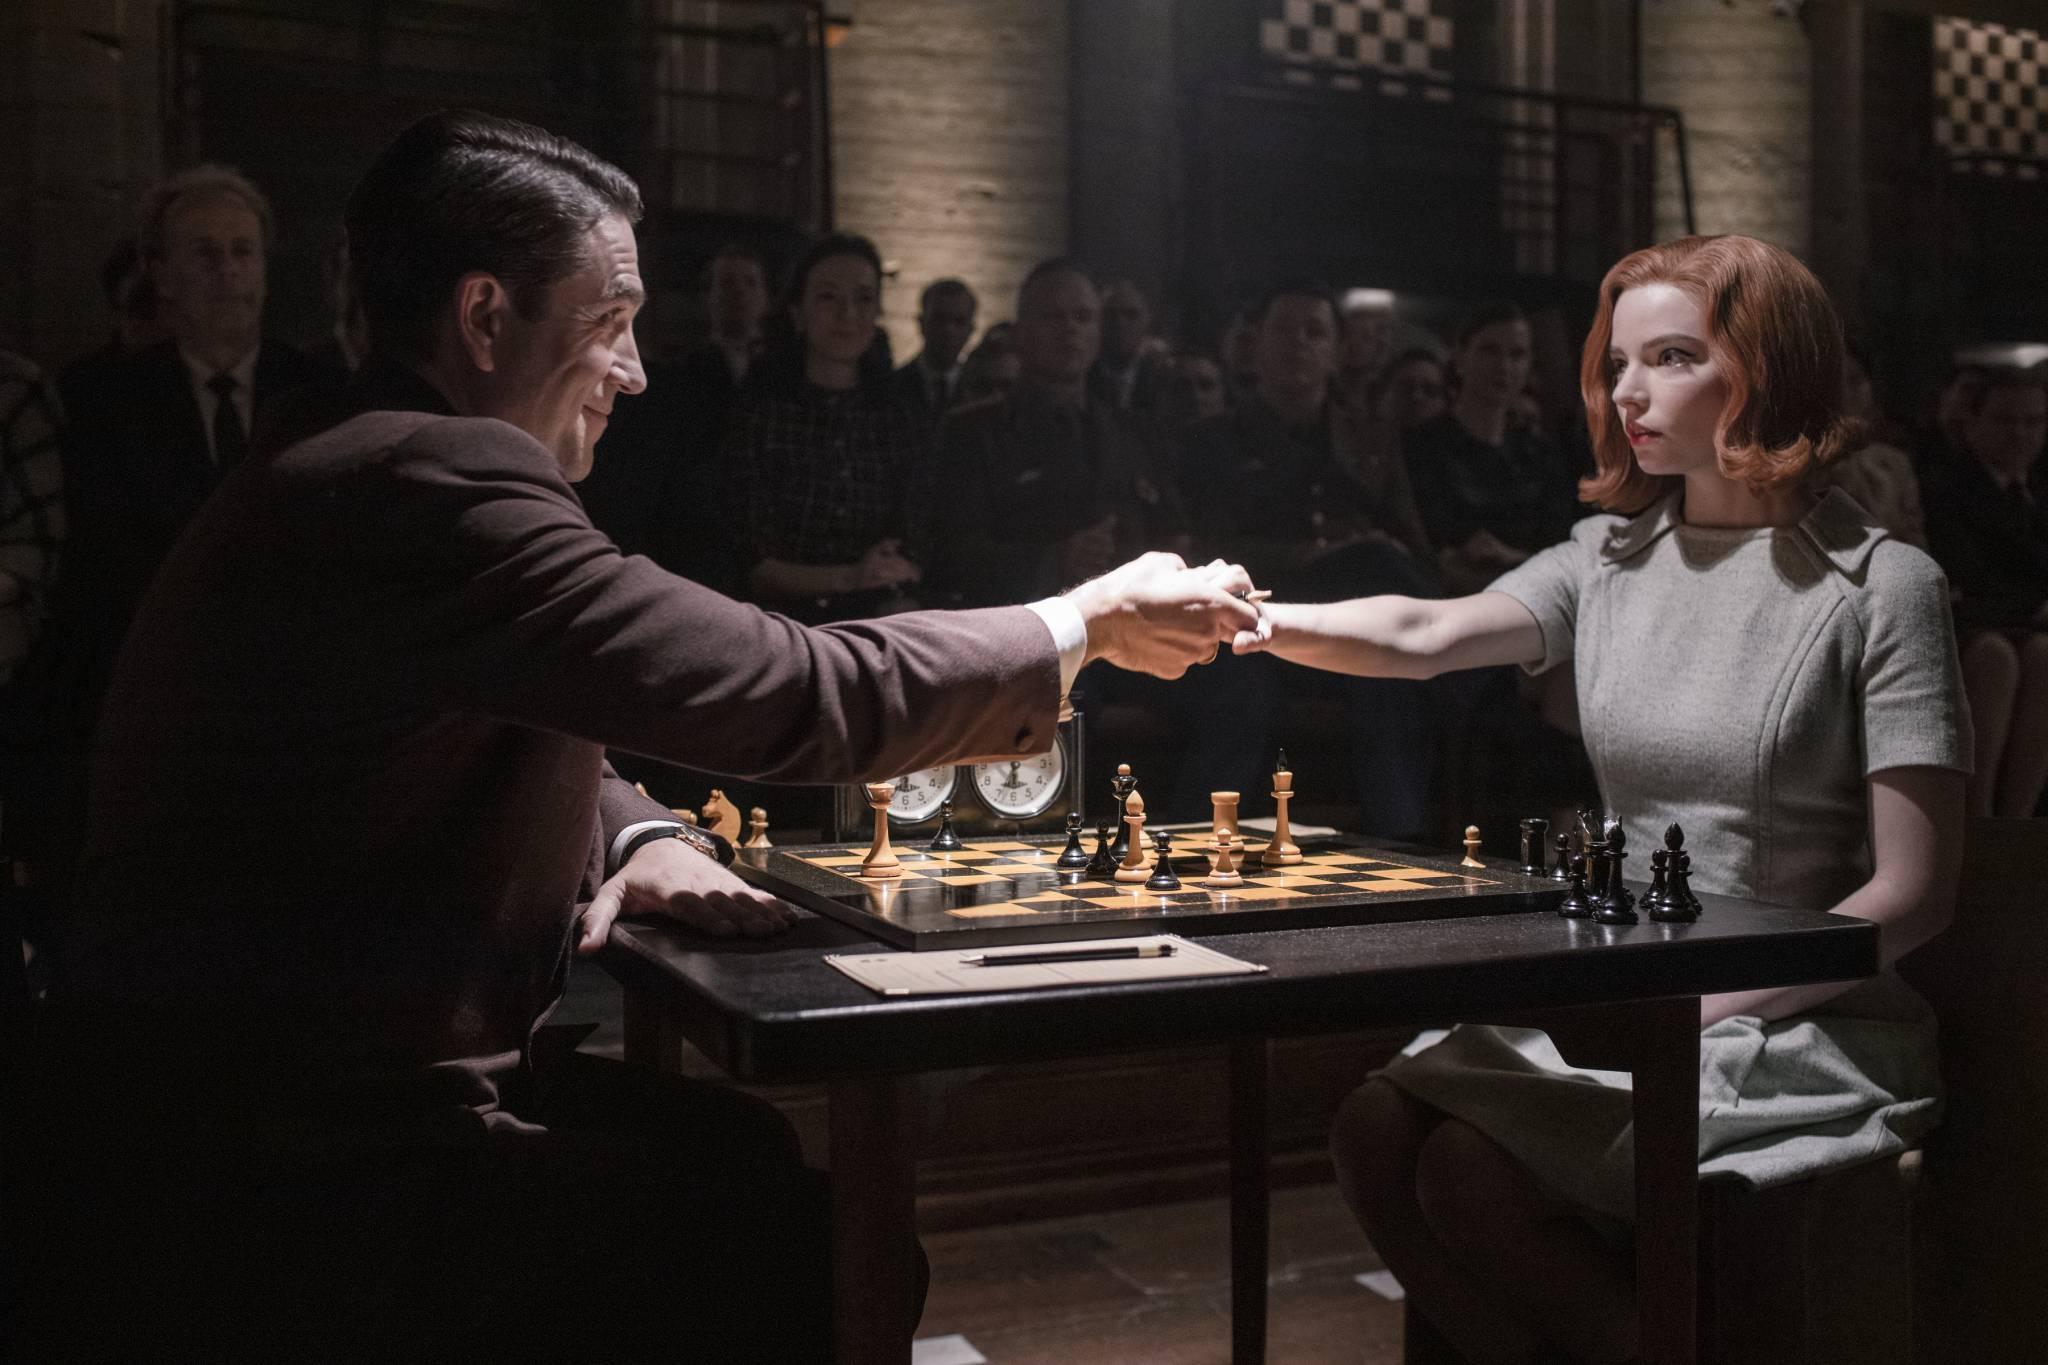 """Geniusz, szachy i nałóg. """"Gambit królowej"""" - serialowy hit Netflixa"""